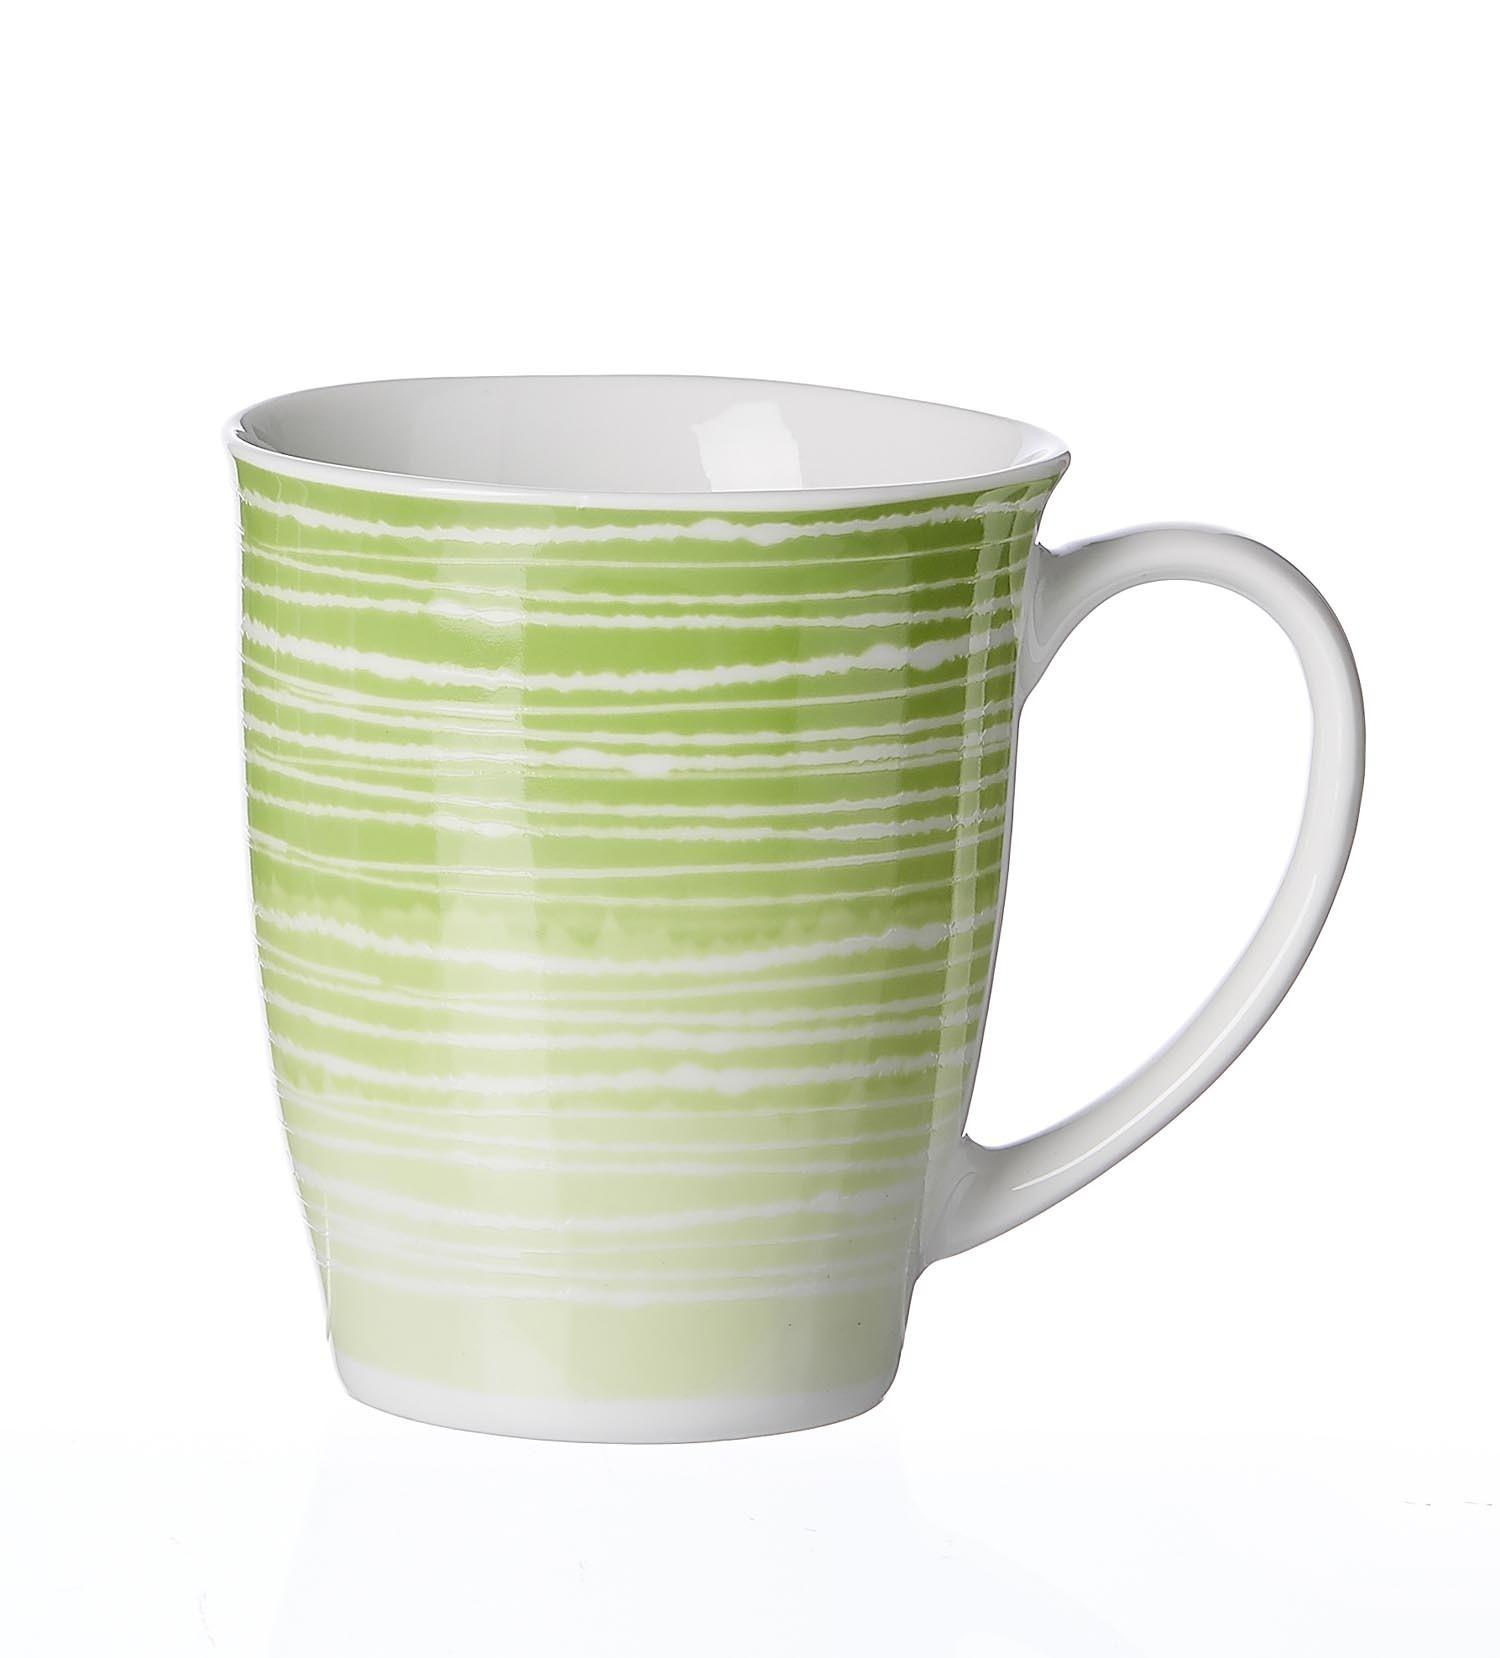 Cana Sunrise Green, Flirt, 450 ml poza